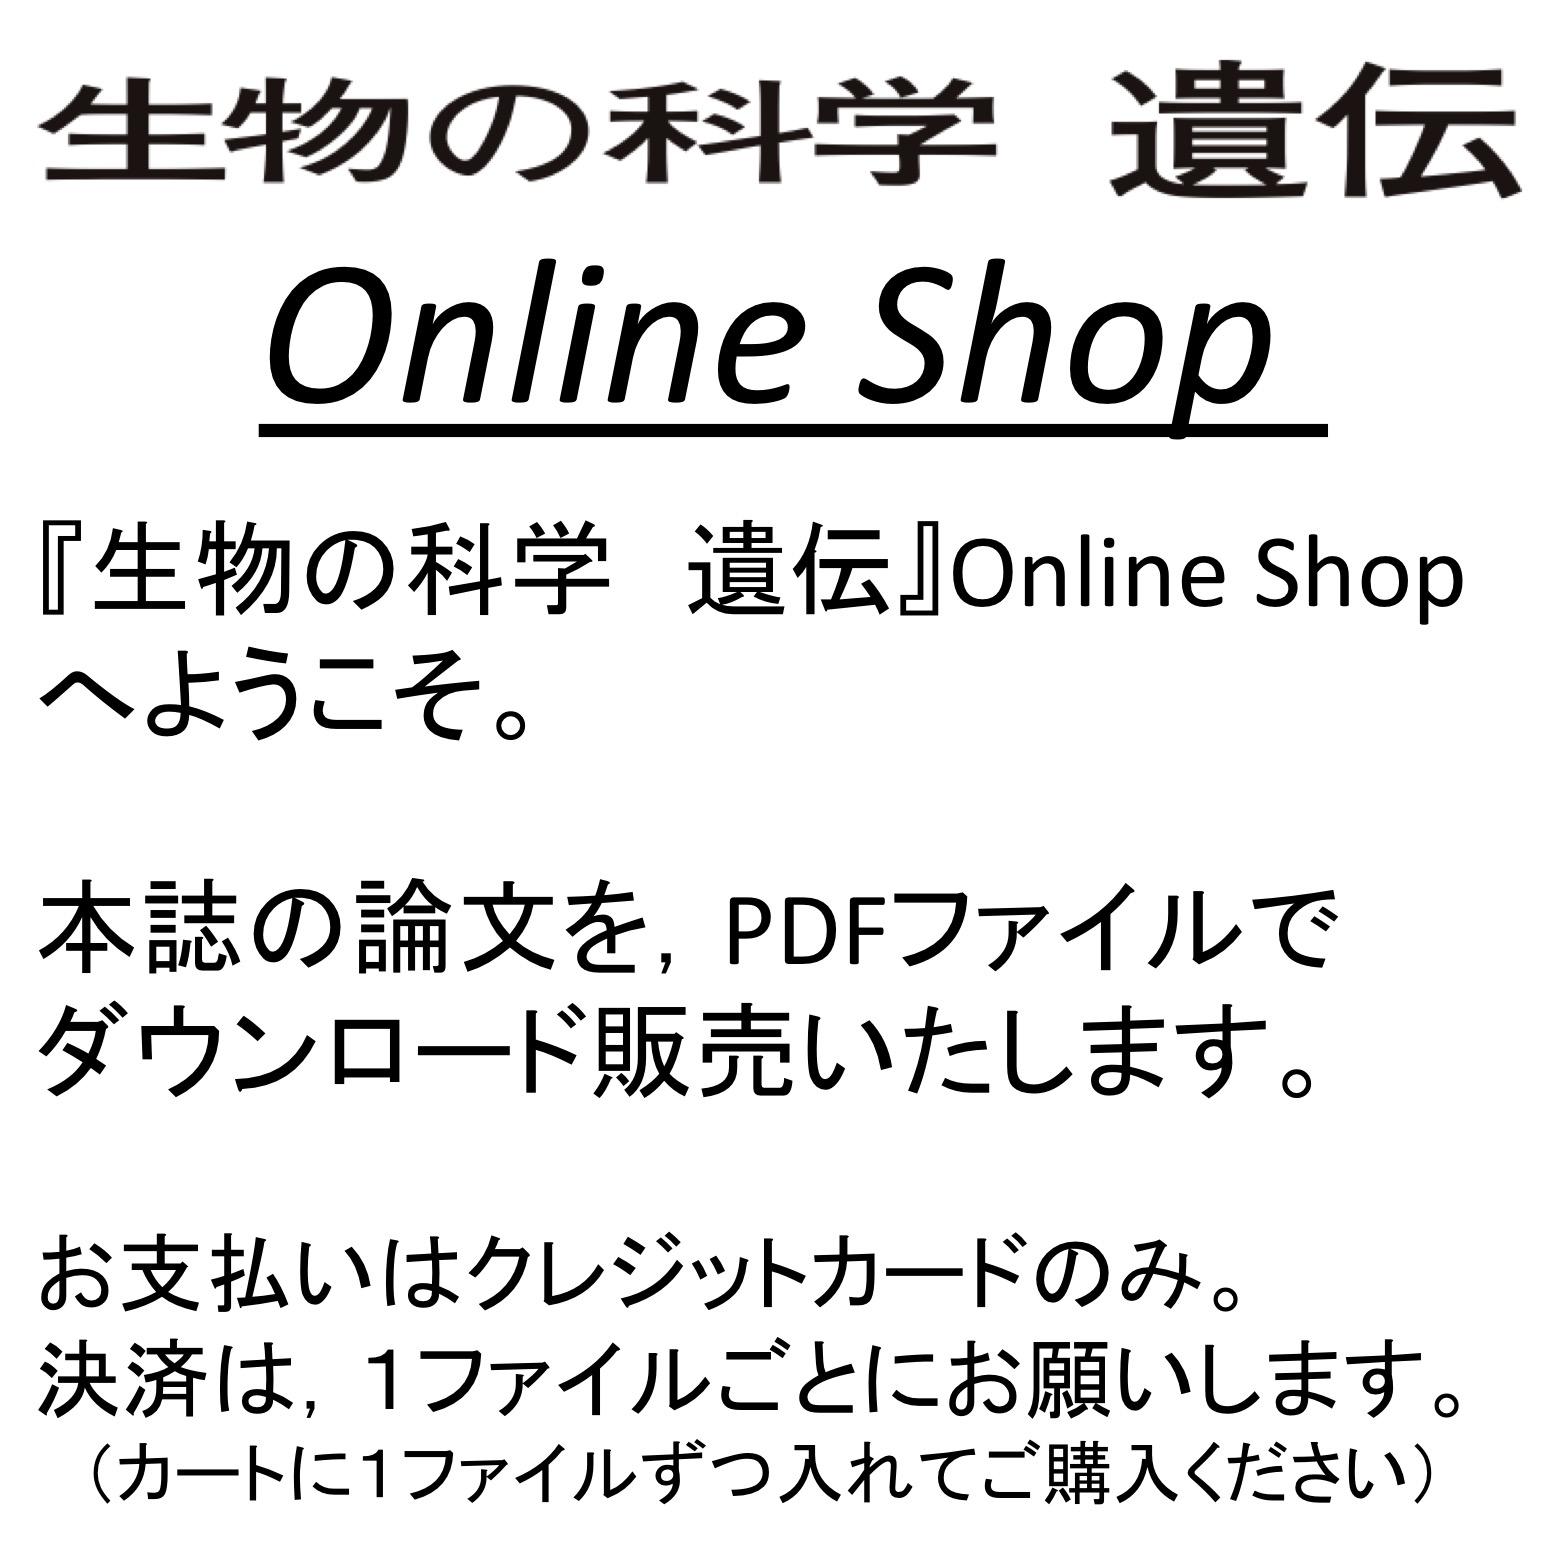 『生物の科学 遺伝』Online Shop